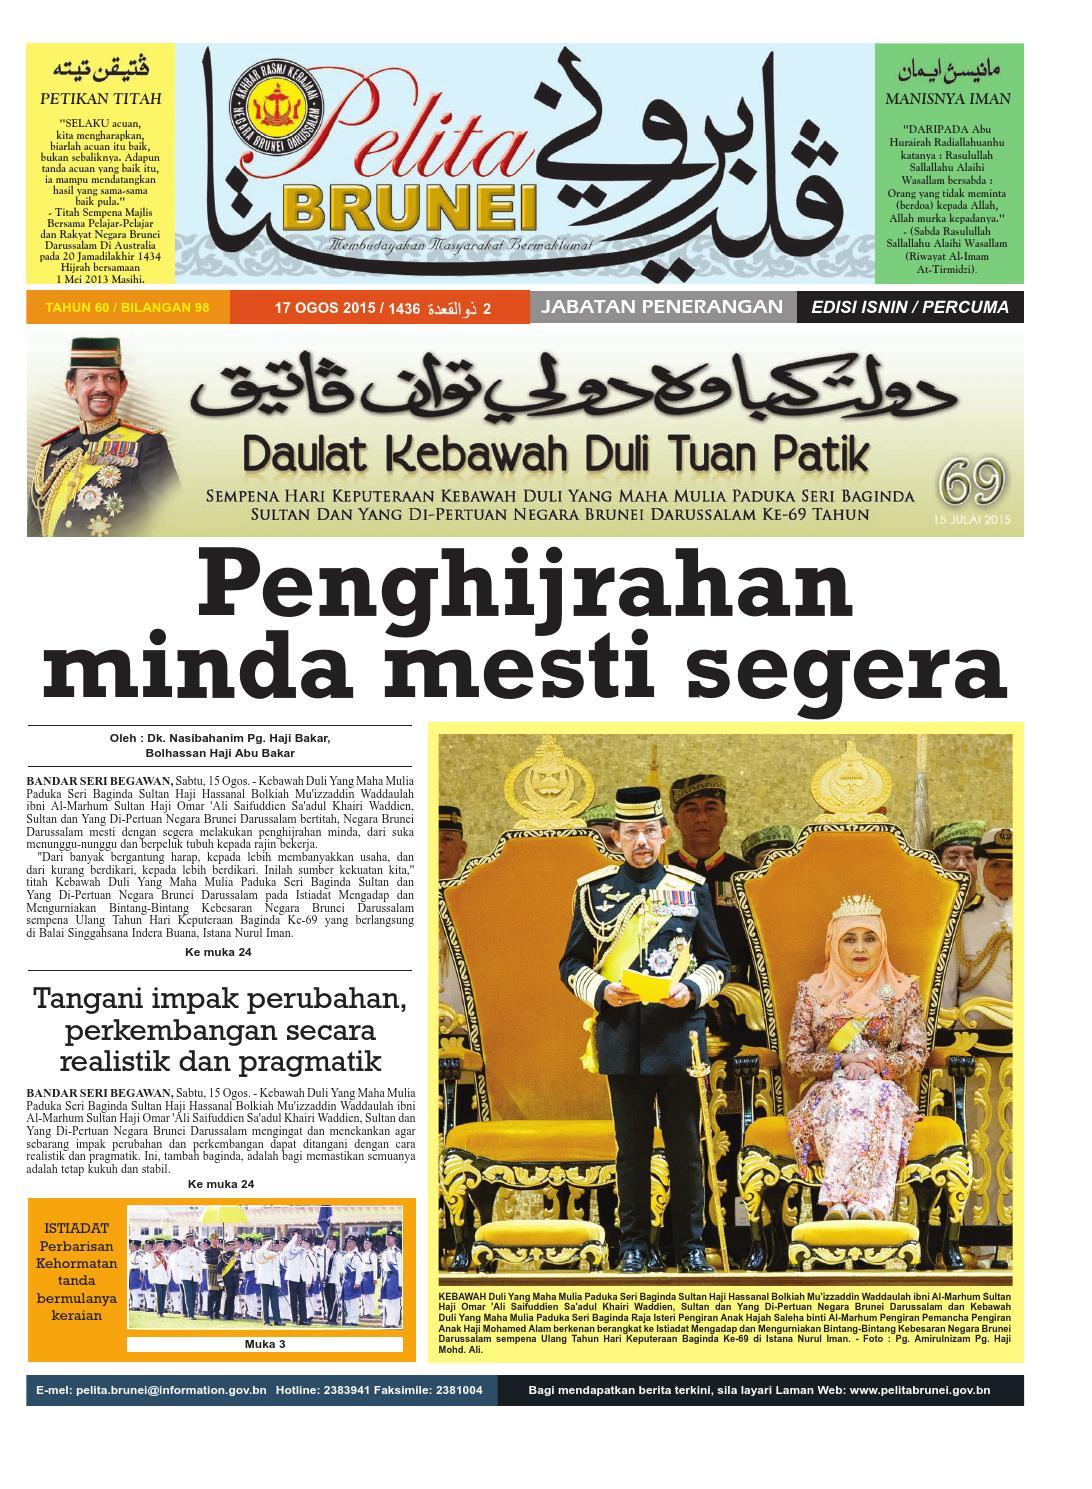 Pelita Brunei Isnin 17 Ogos 2015 By Putera Katak Brunei